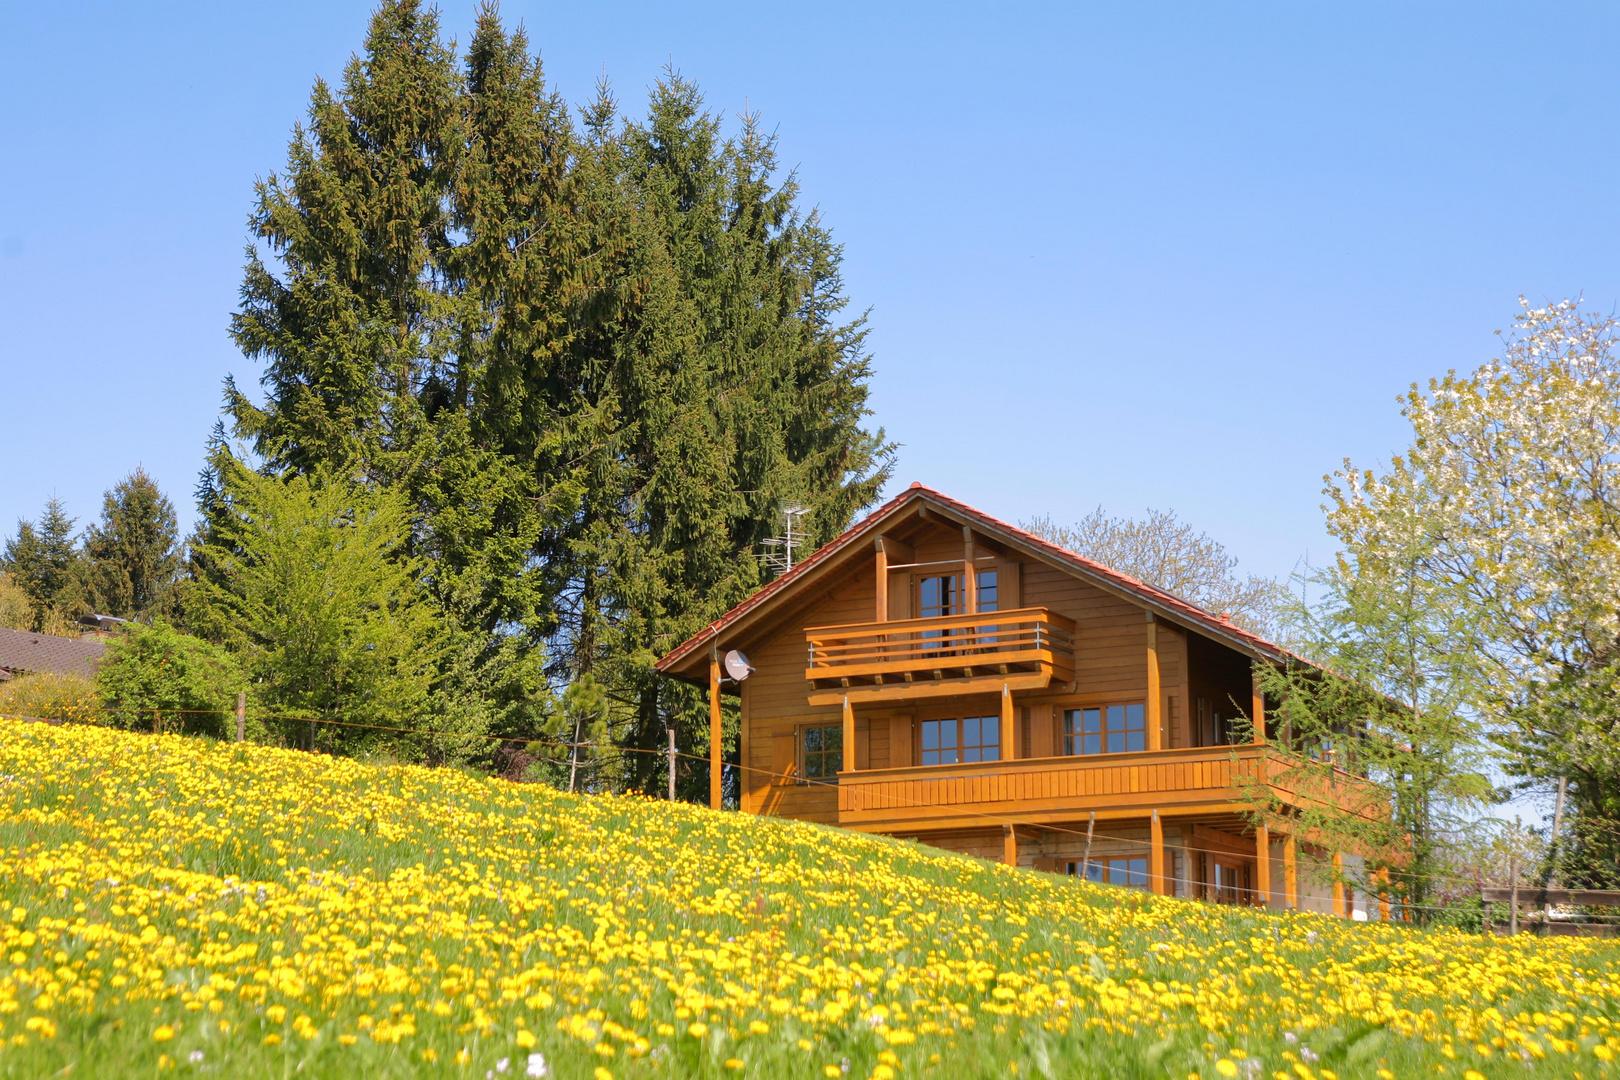 Ferienwohnung: Luxus in Mollenberg erleben, nähe Lindau am Bodensee